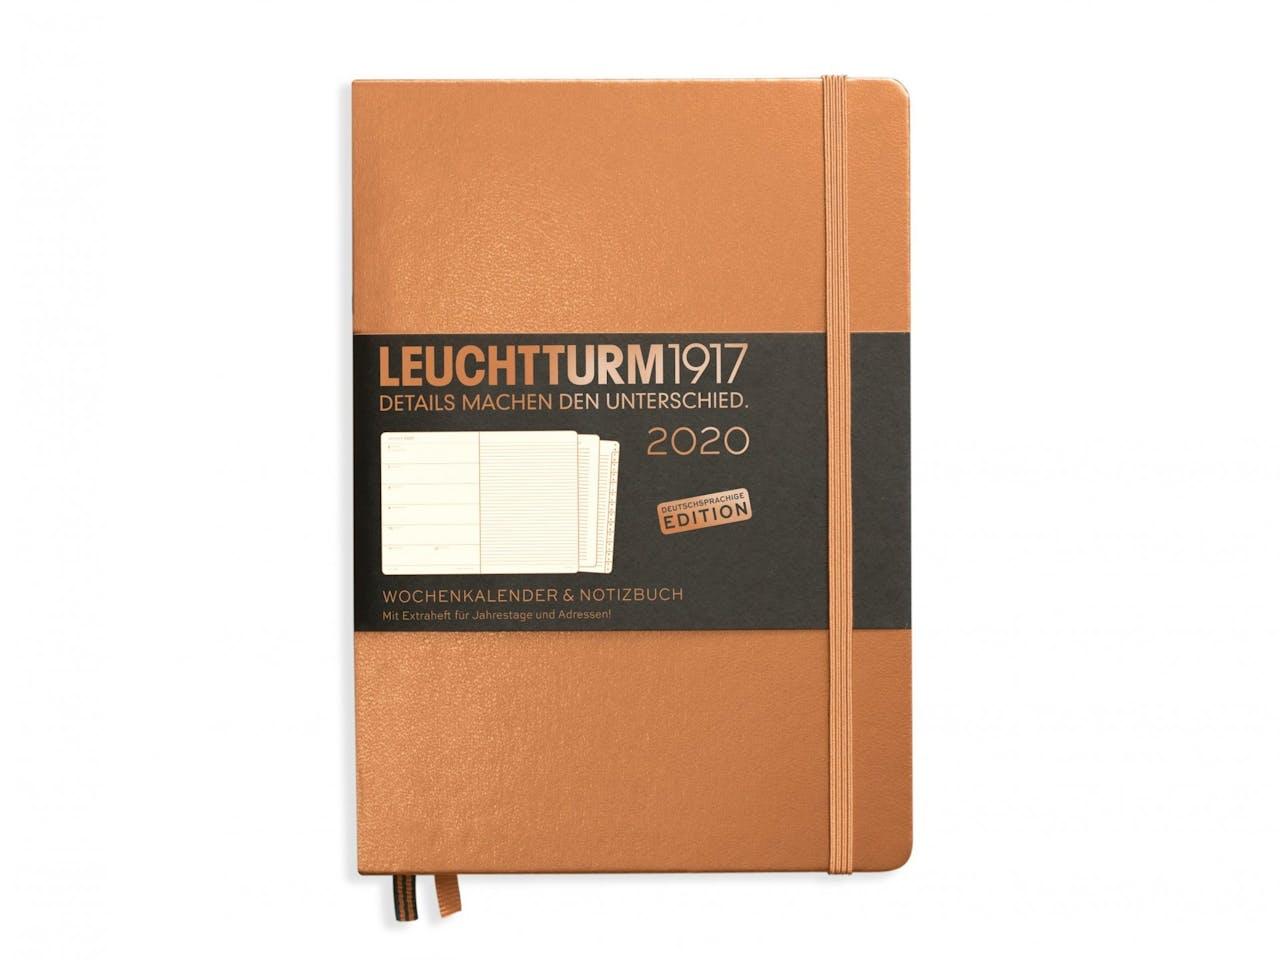 Leuchtturm Wochenkalender & Notizbuch 12 Monate